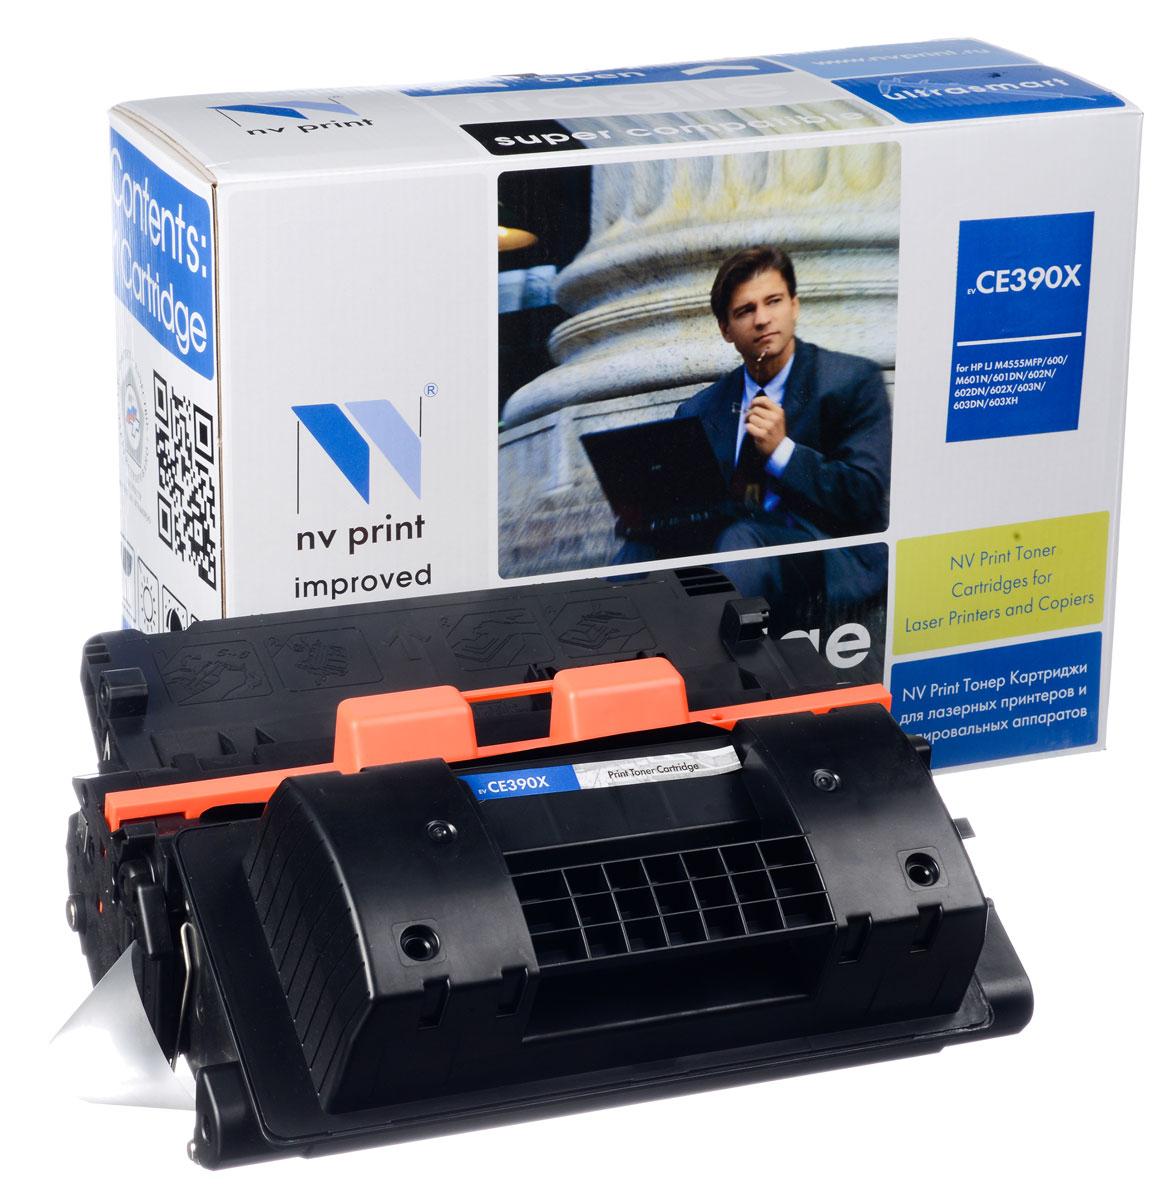 NV Print NV-CE390X, Black тонер-картридж для HP LaserJet M4555MFP/600/M601N/601DN/602N/602DN/602X/603N/603DN/603XHNV-CE390XСовместимый лазерный картридж NV Print NV-CE390X для печатающих устройств HP - это альтернатива приобретению оригинальных расходных материалов. При этом качество печати остается высоким. Картридж обеспечивает повышенную чёткость чёрного текста и плавность переходов оттенков серого цвета и полутонов, позволяет отображать мельчайшие детали изображения. Лазерные принтеры, копировальные аппараты и МФУ являются более выгодными в печати, чем струйные устройства, так как лазерных картриджей хватает на значительно большее количество отпечатков, чем обычных. Для печати в данном случае используются не чернила, а тонер.